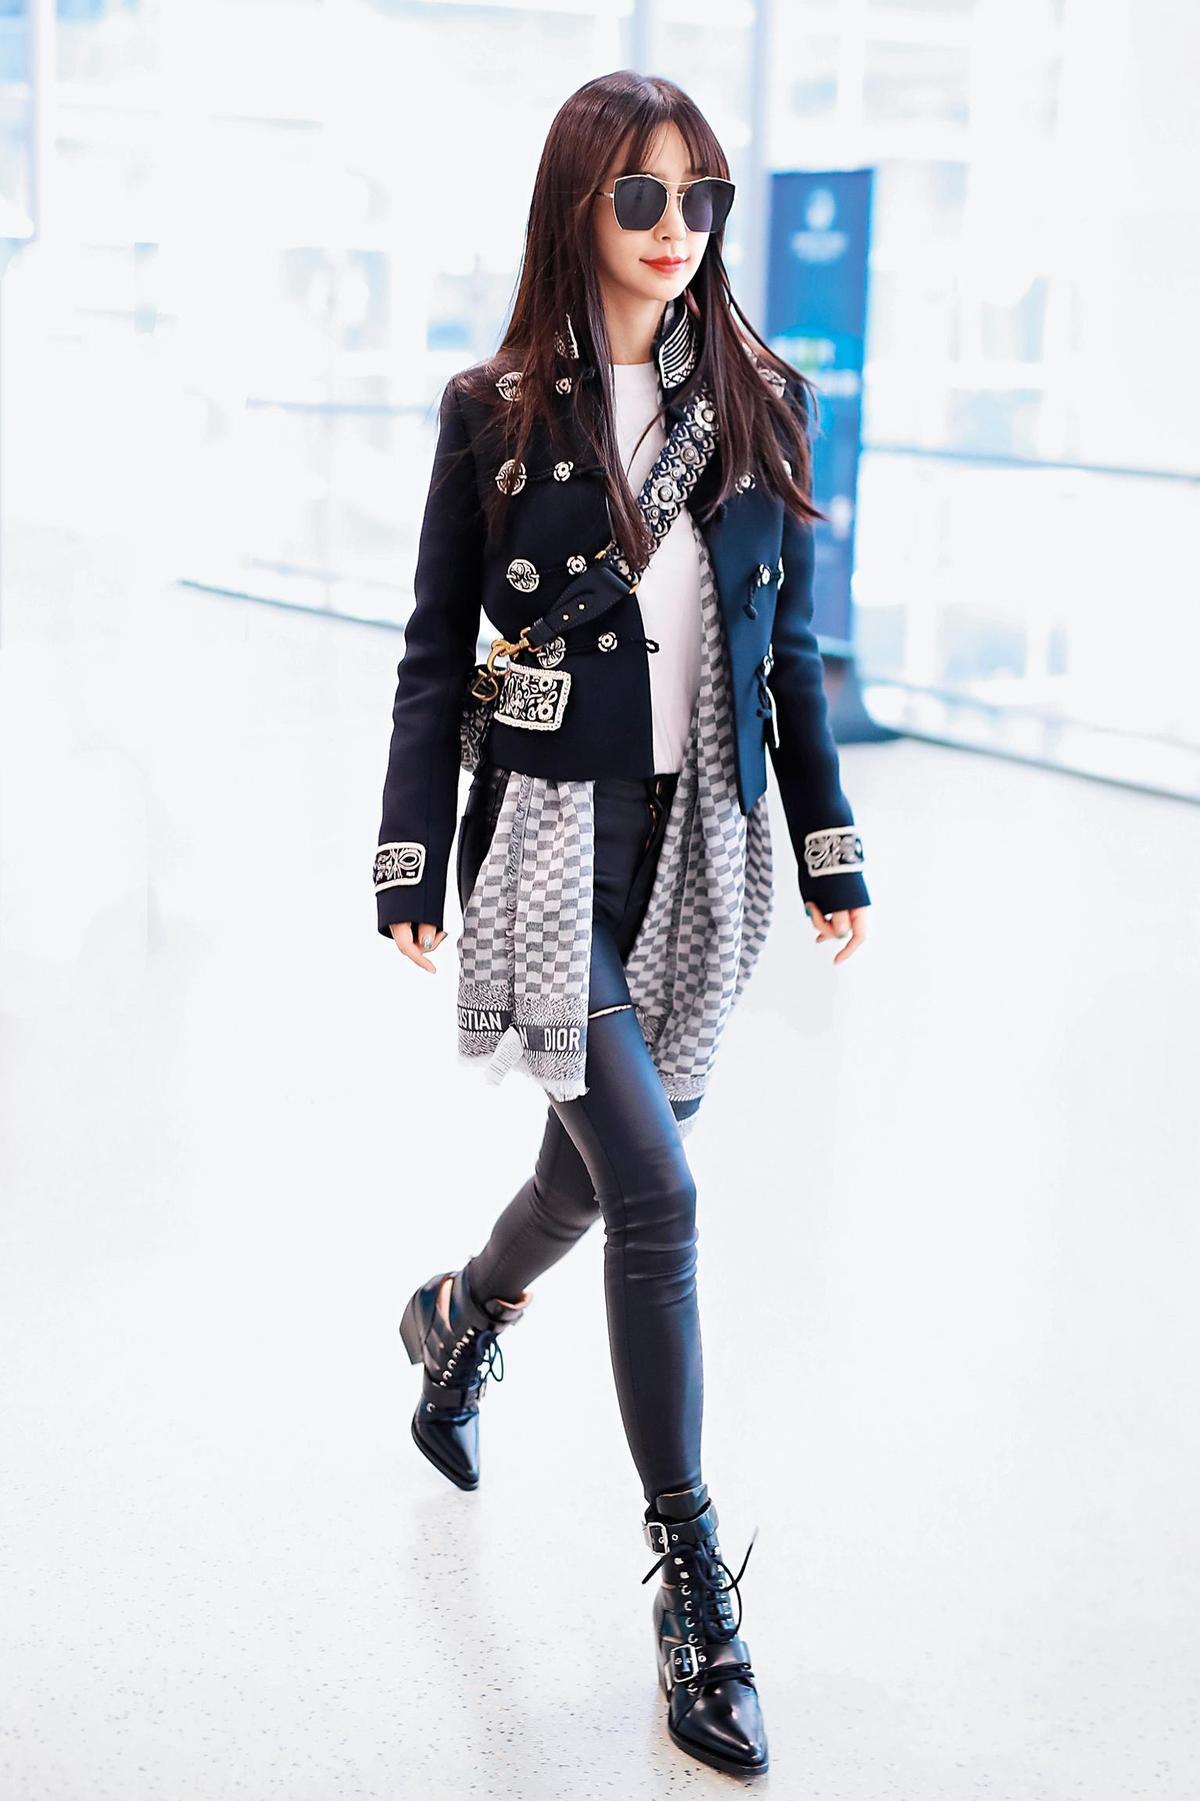 穿著Dior黑色短版外套、貼身皮褲搭配Chloé短靴的Angelababy,看來清爽俐落又帥氣,飄逸的長髮、金屬框墨鏡,在柔美中英姿颯颯。(東方IC)